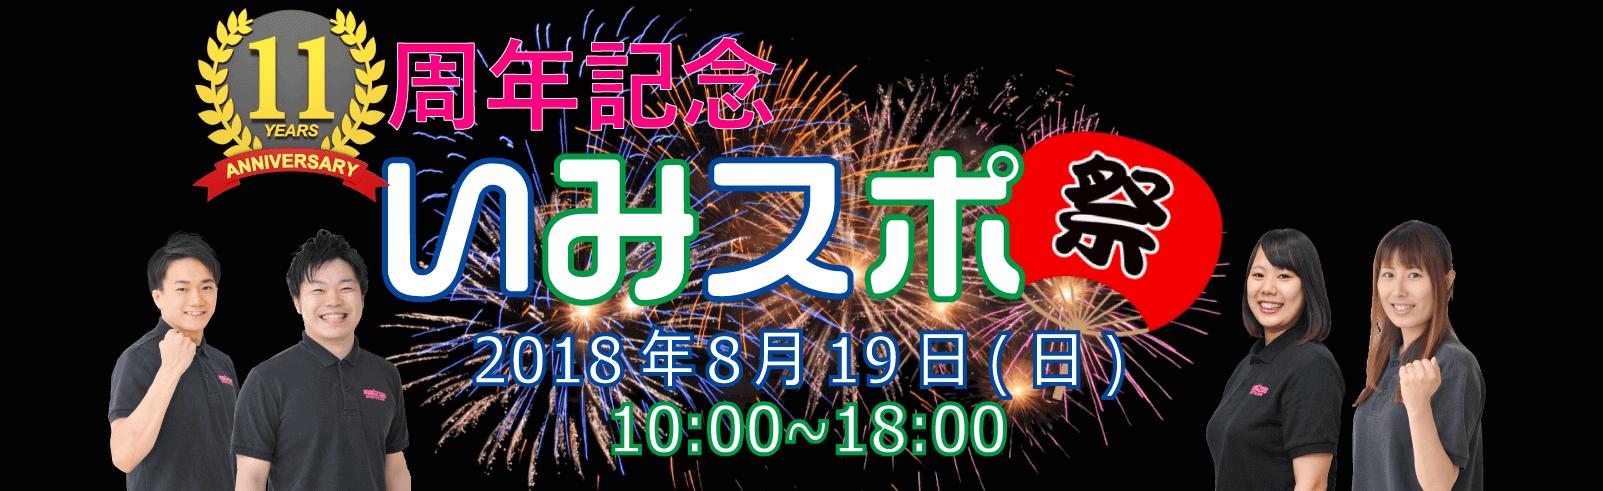 いみスポ祭り8月19日開催!